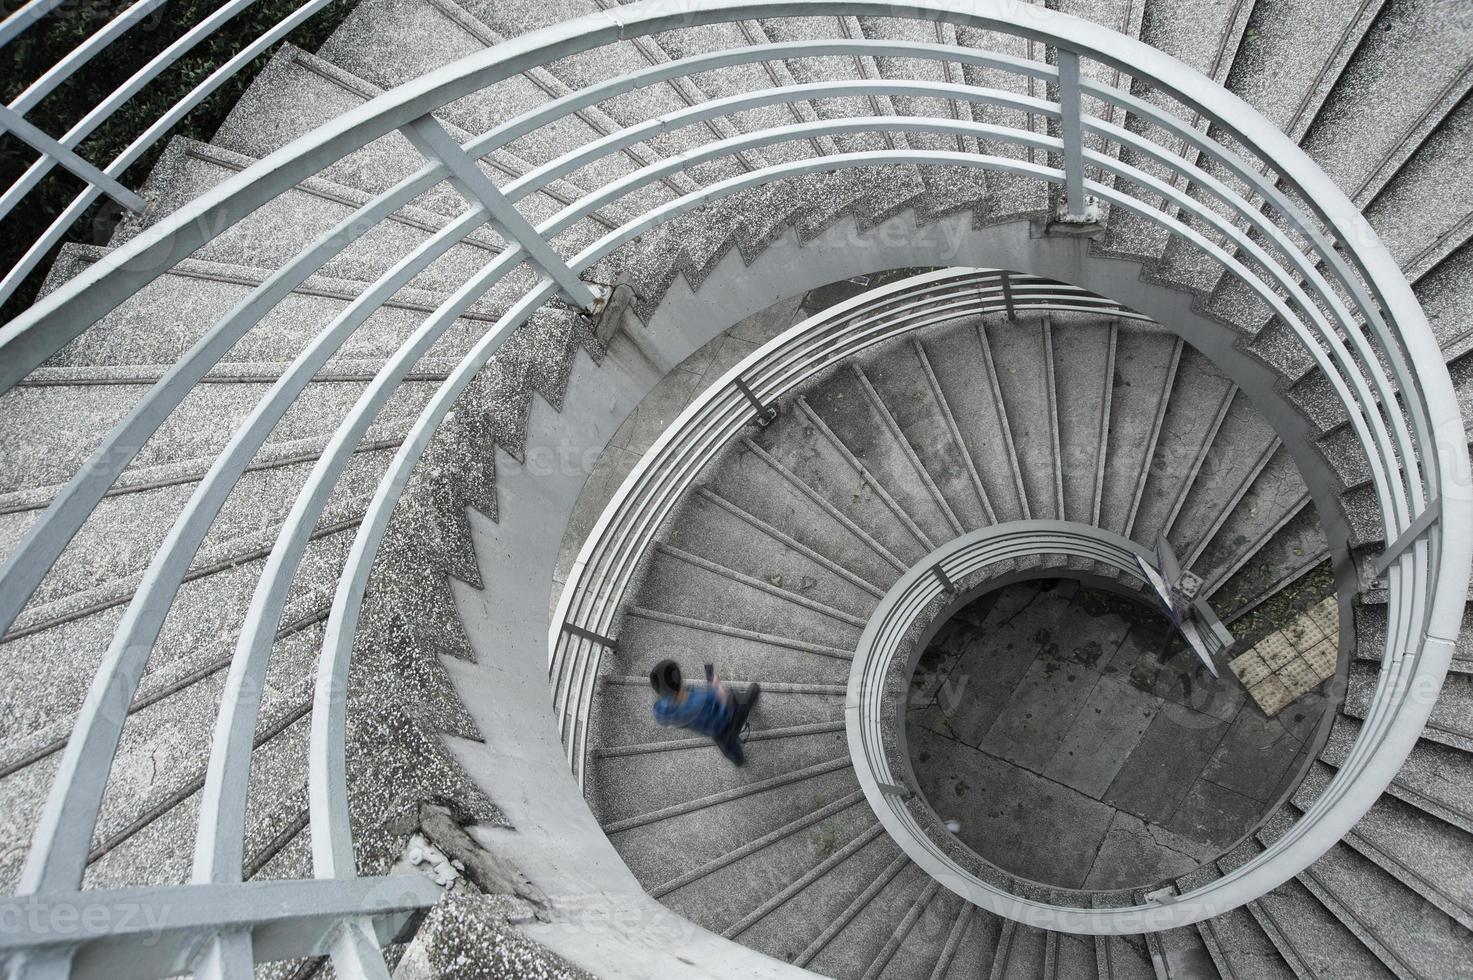 hombre en una camisa azul bajando una escalera de caracol foto